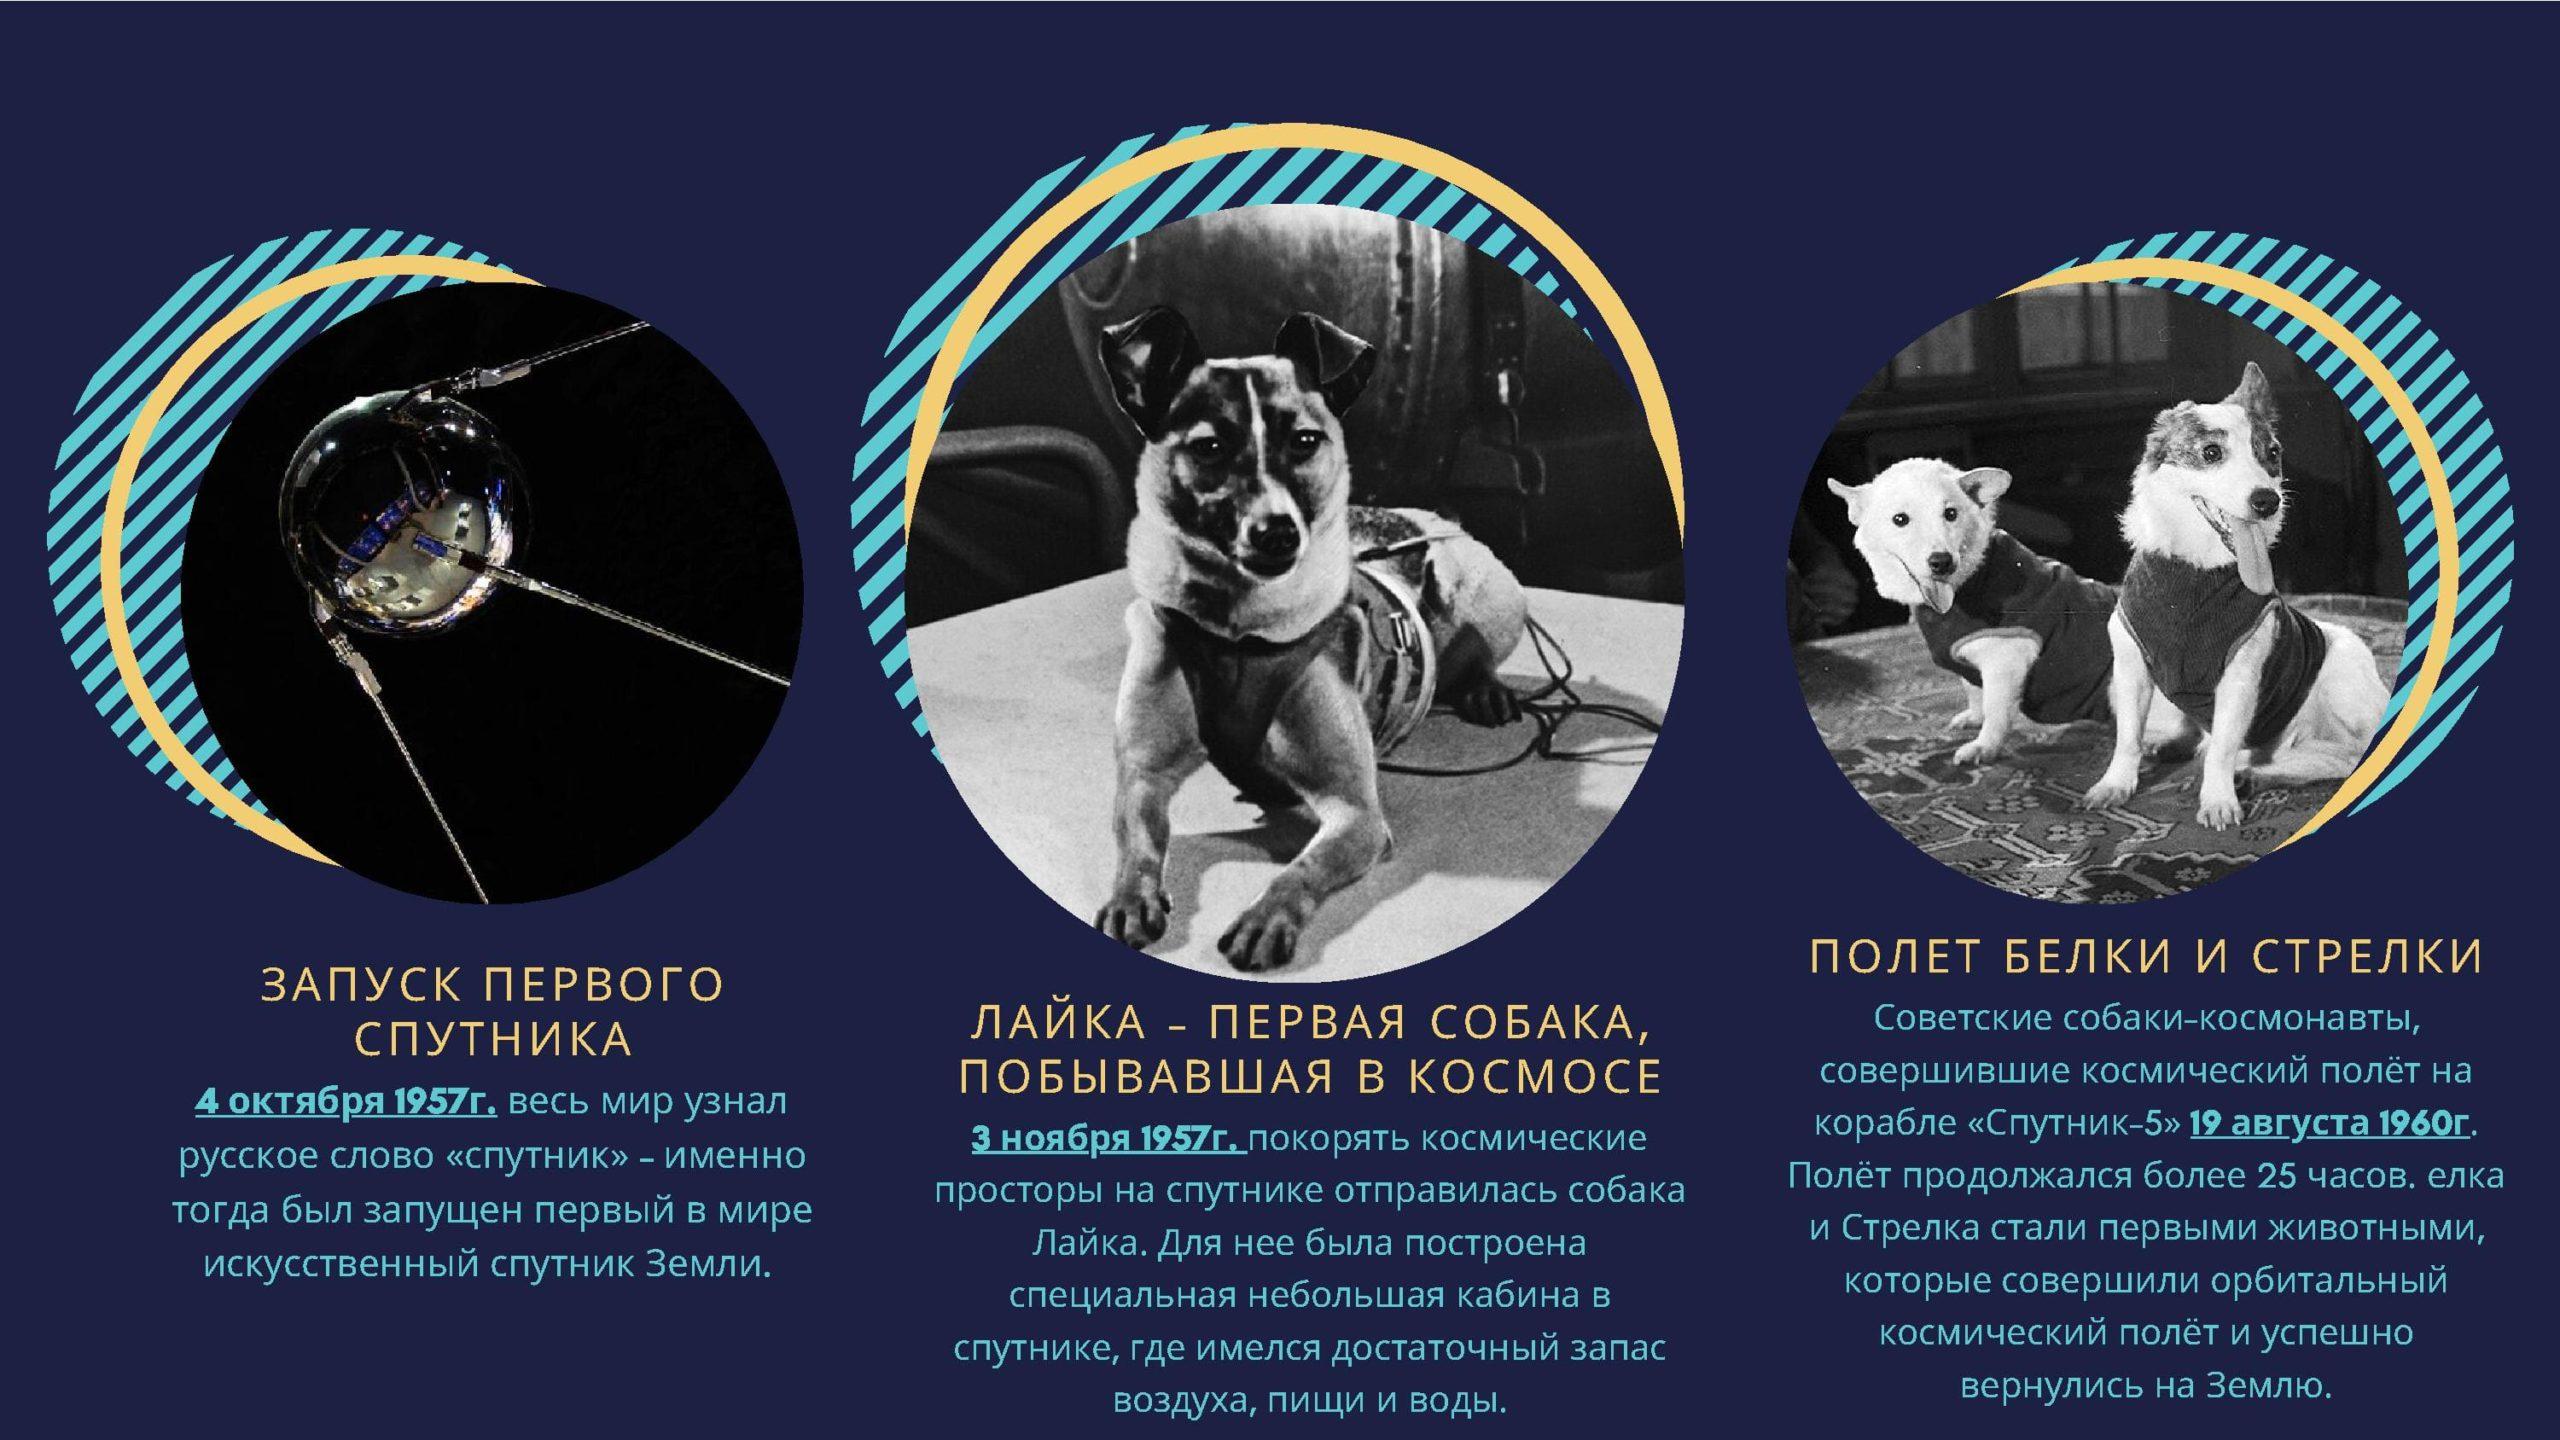 Запуск первого спутника. Лайка - первая собака, побывавшая космосе